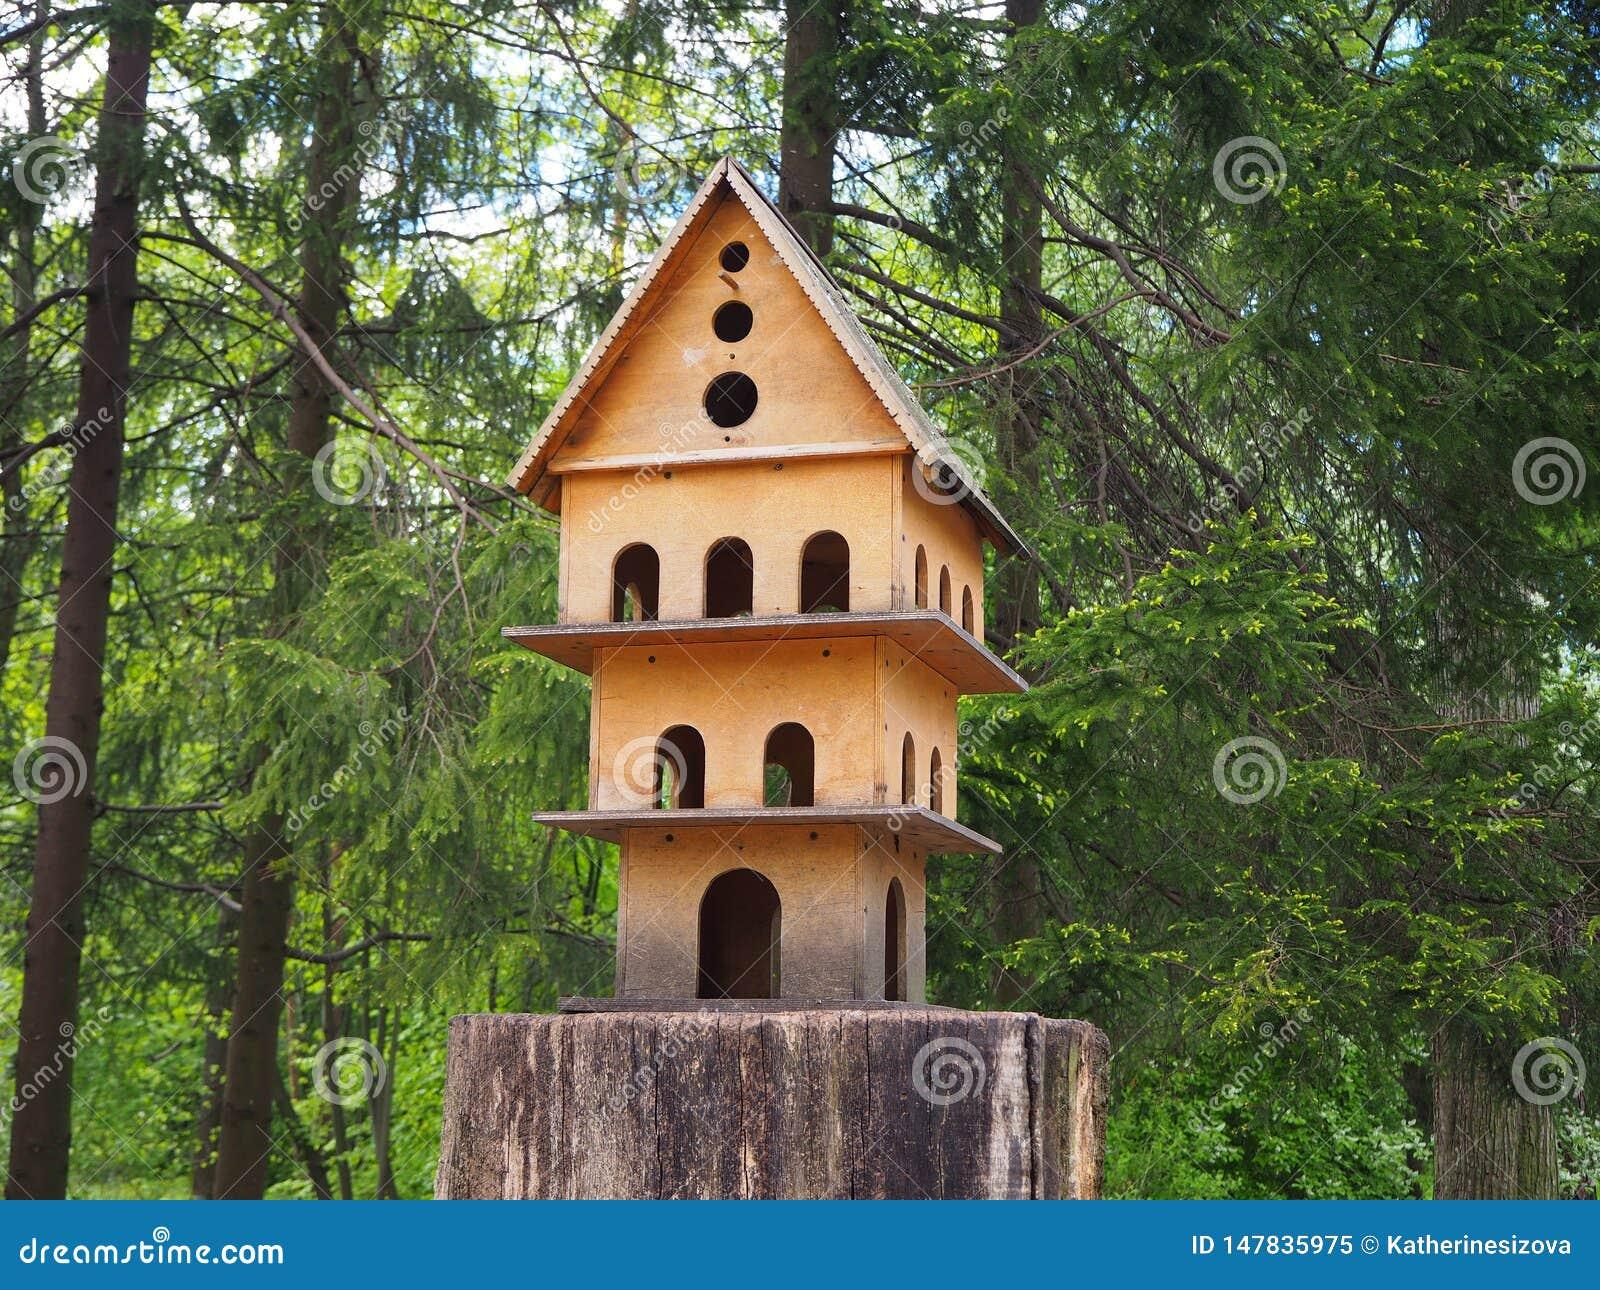 Houten gesneden vogelhuis met meerdere verdiepingen op een boomstomp, een voeder voor vogels in het park